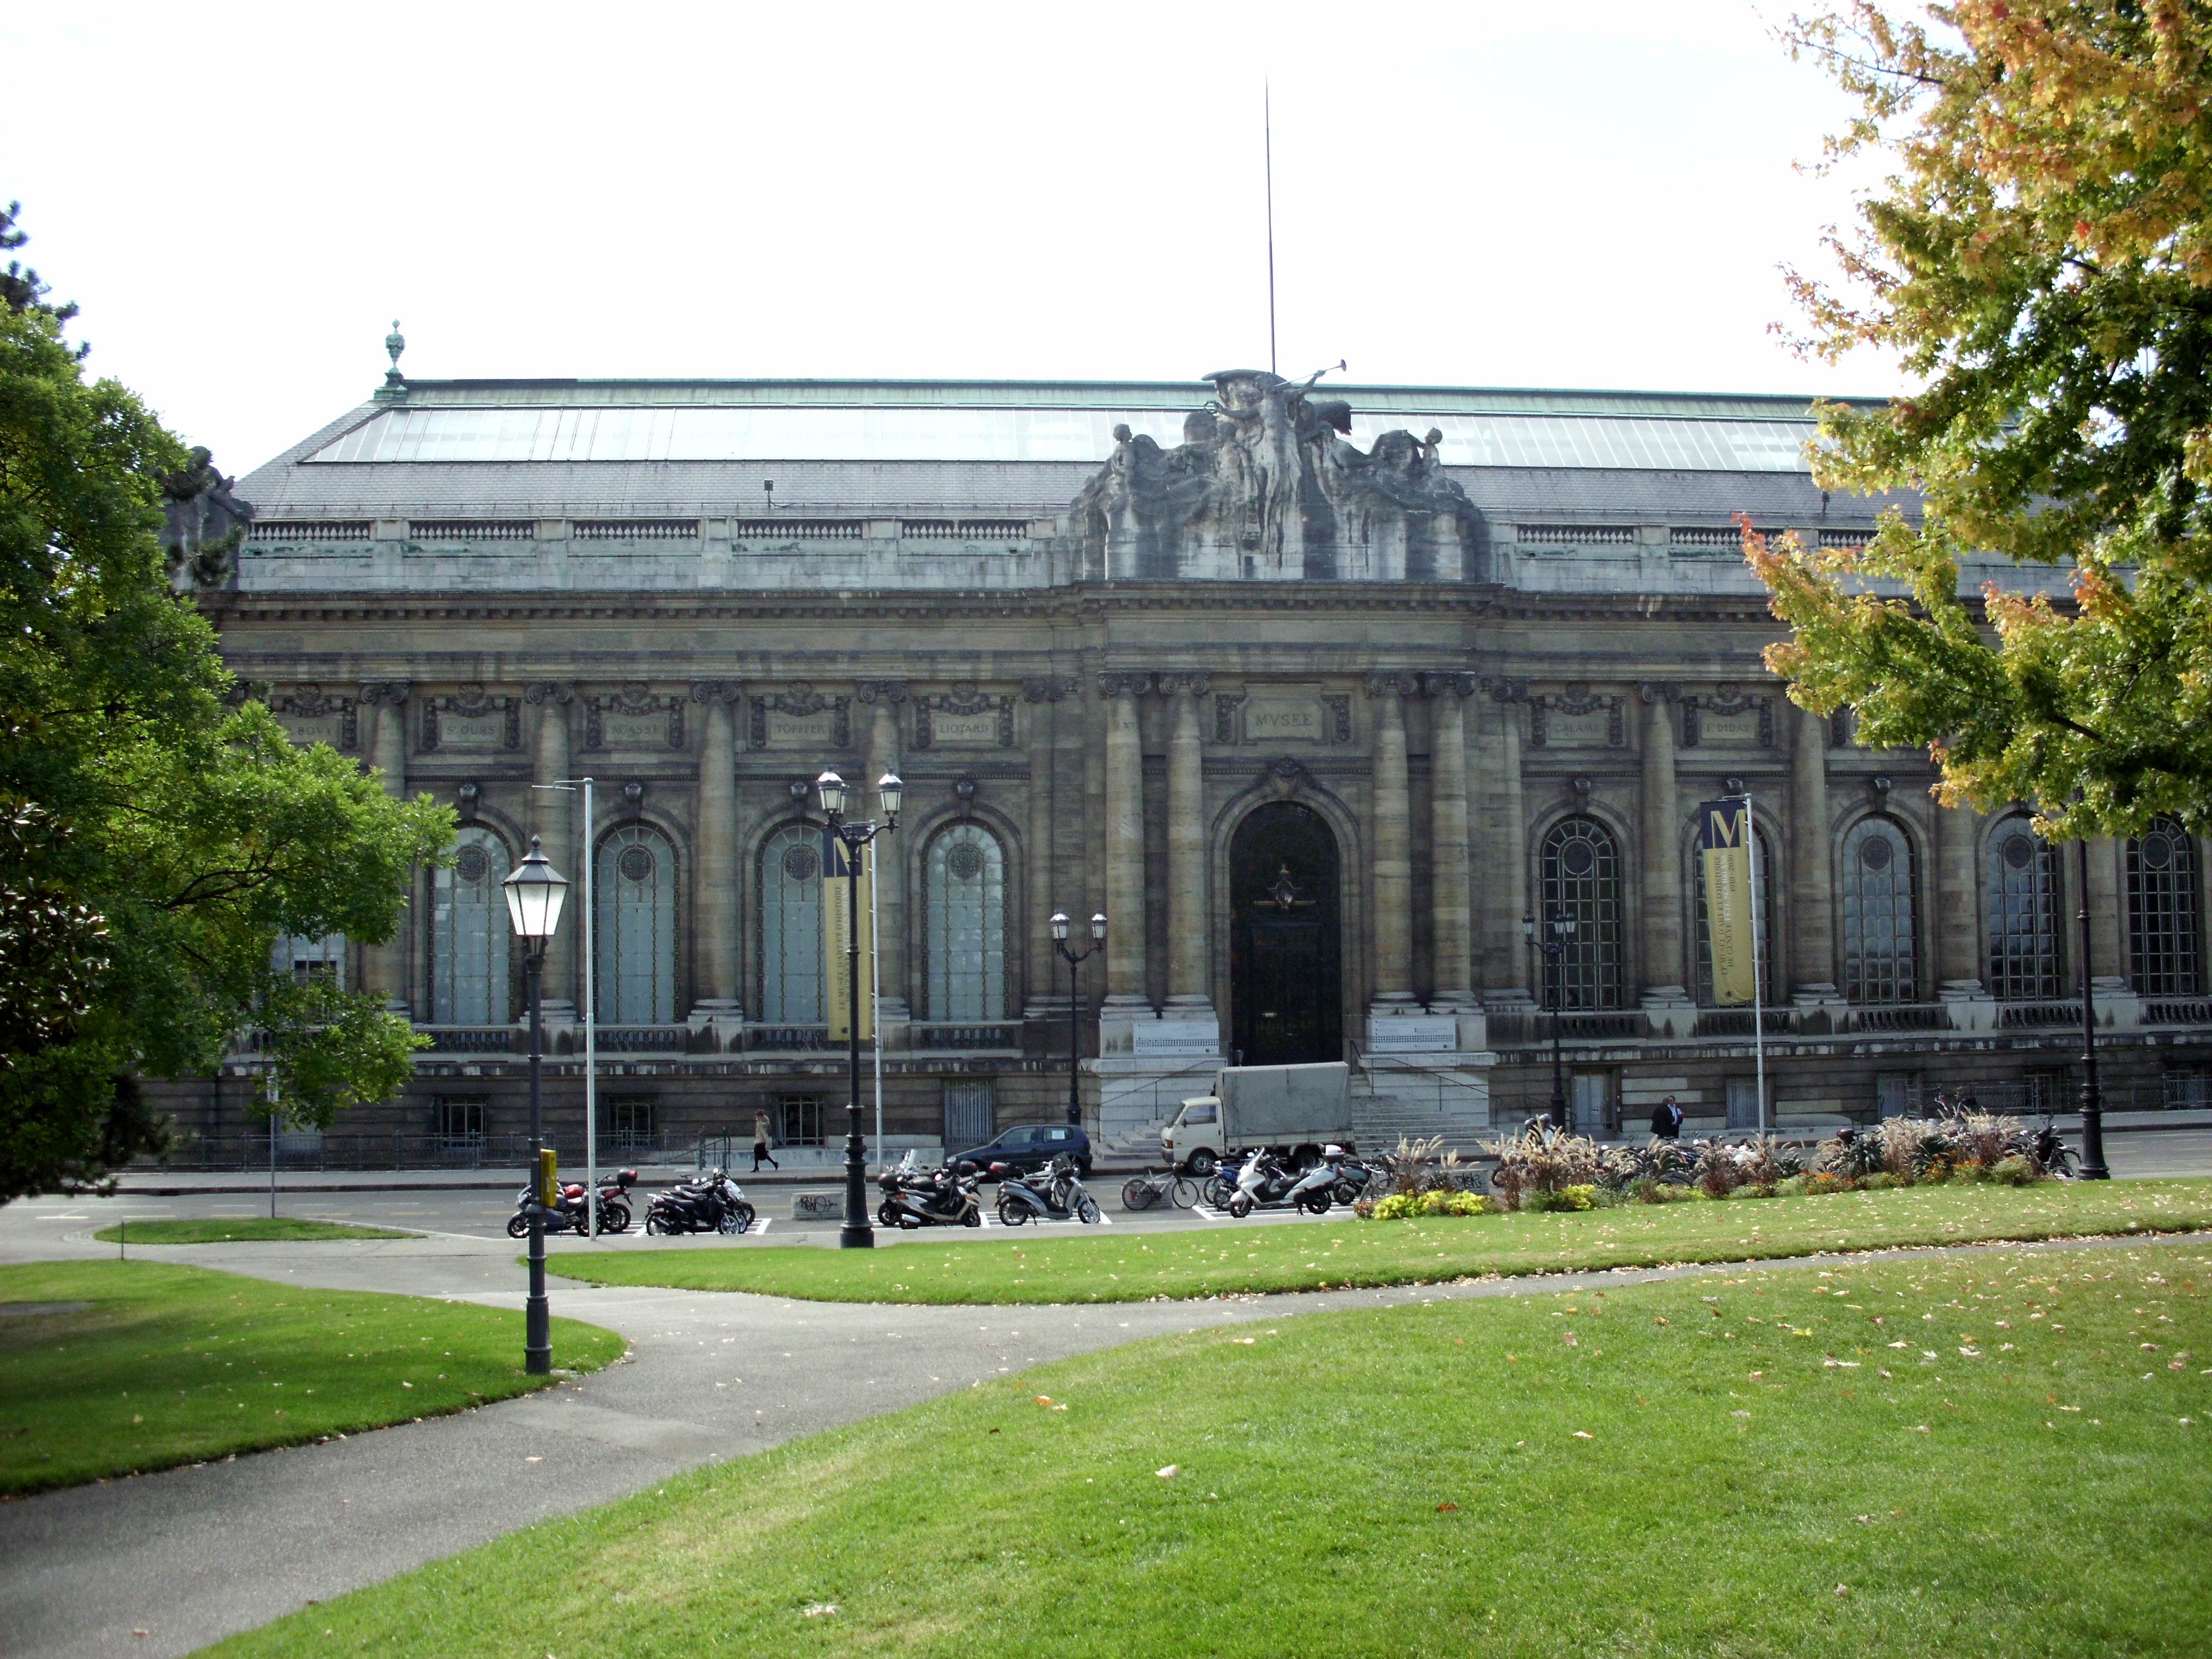 Musées genevois : Les visites guidées accessibles aux malentendants